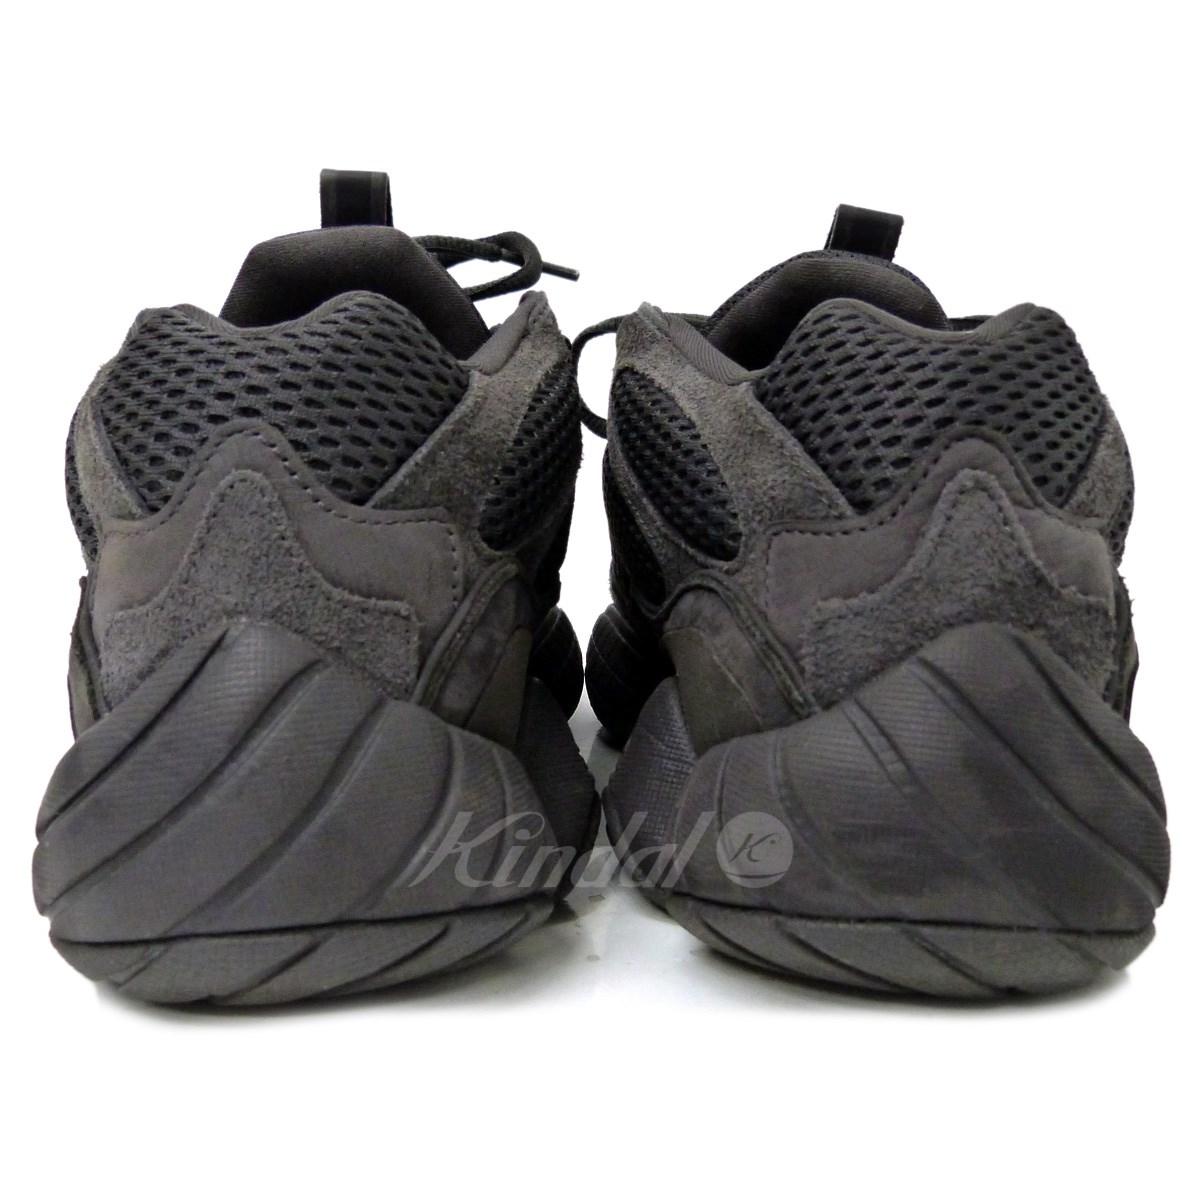 quality design 0799a 9f86e adidas originals by Kanye West